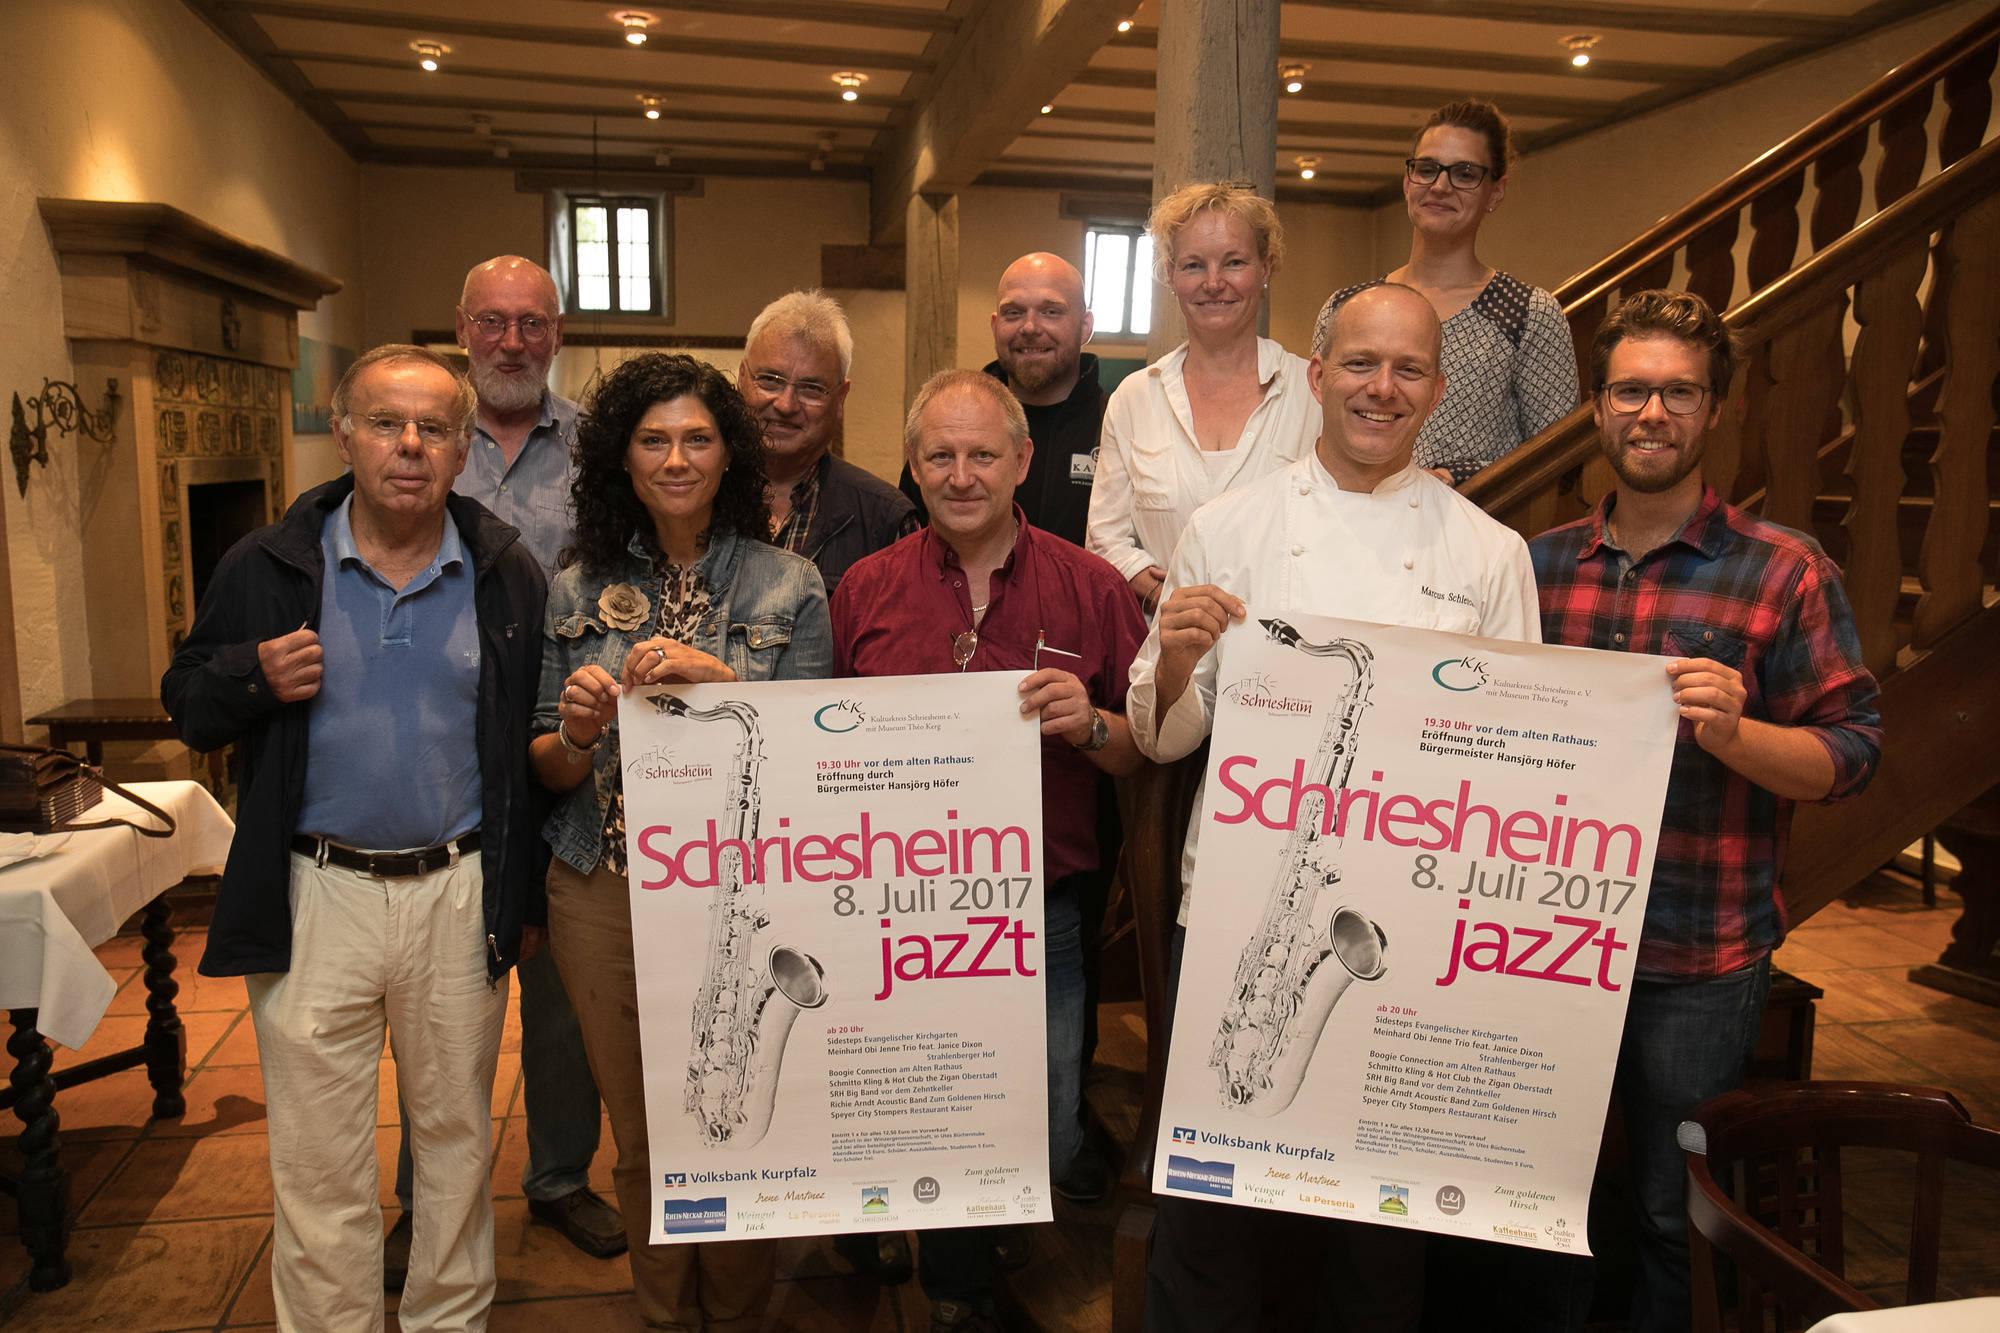 Schriesheim Jazzt Wenn Die Altstadt Wieder Richtig Swingt